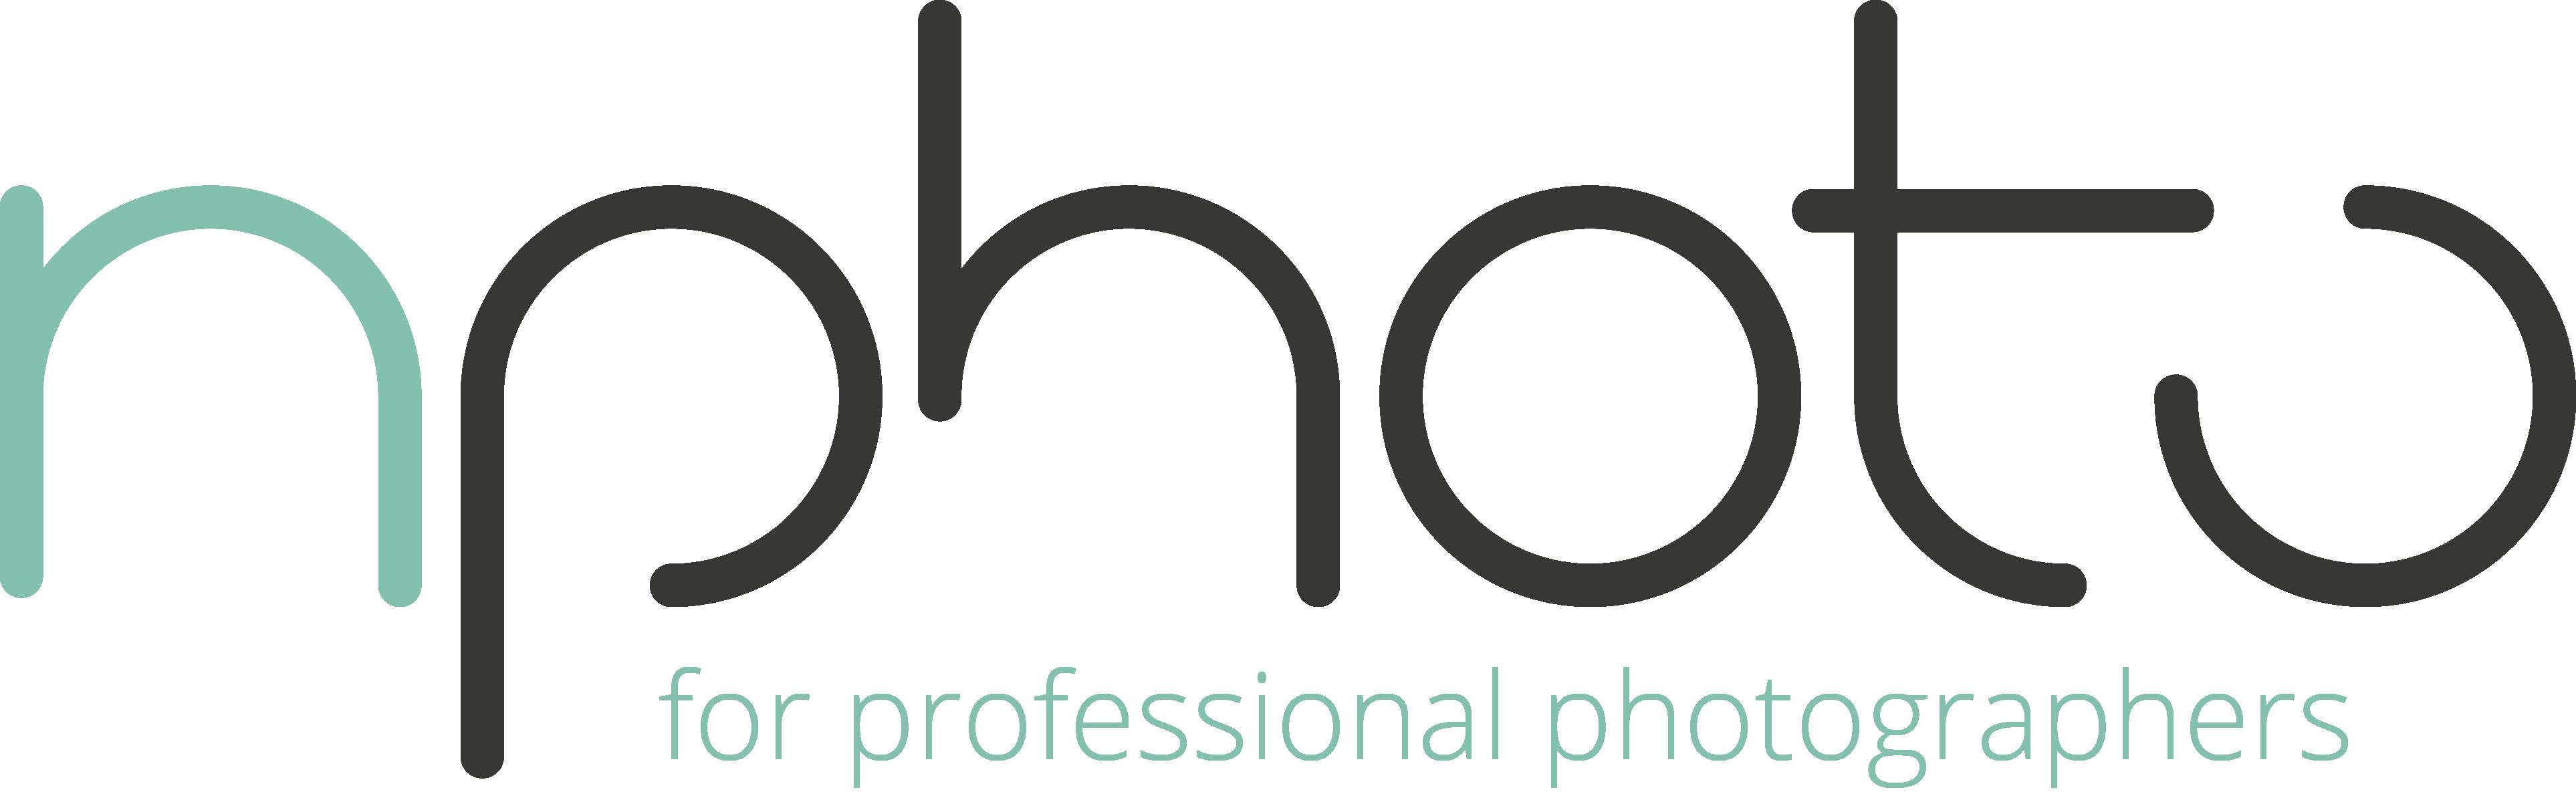 nPhoto logo.png